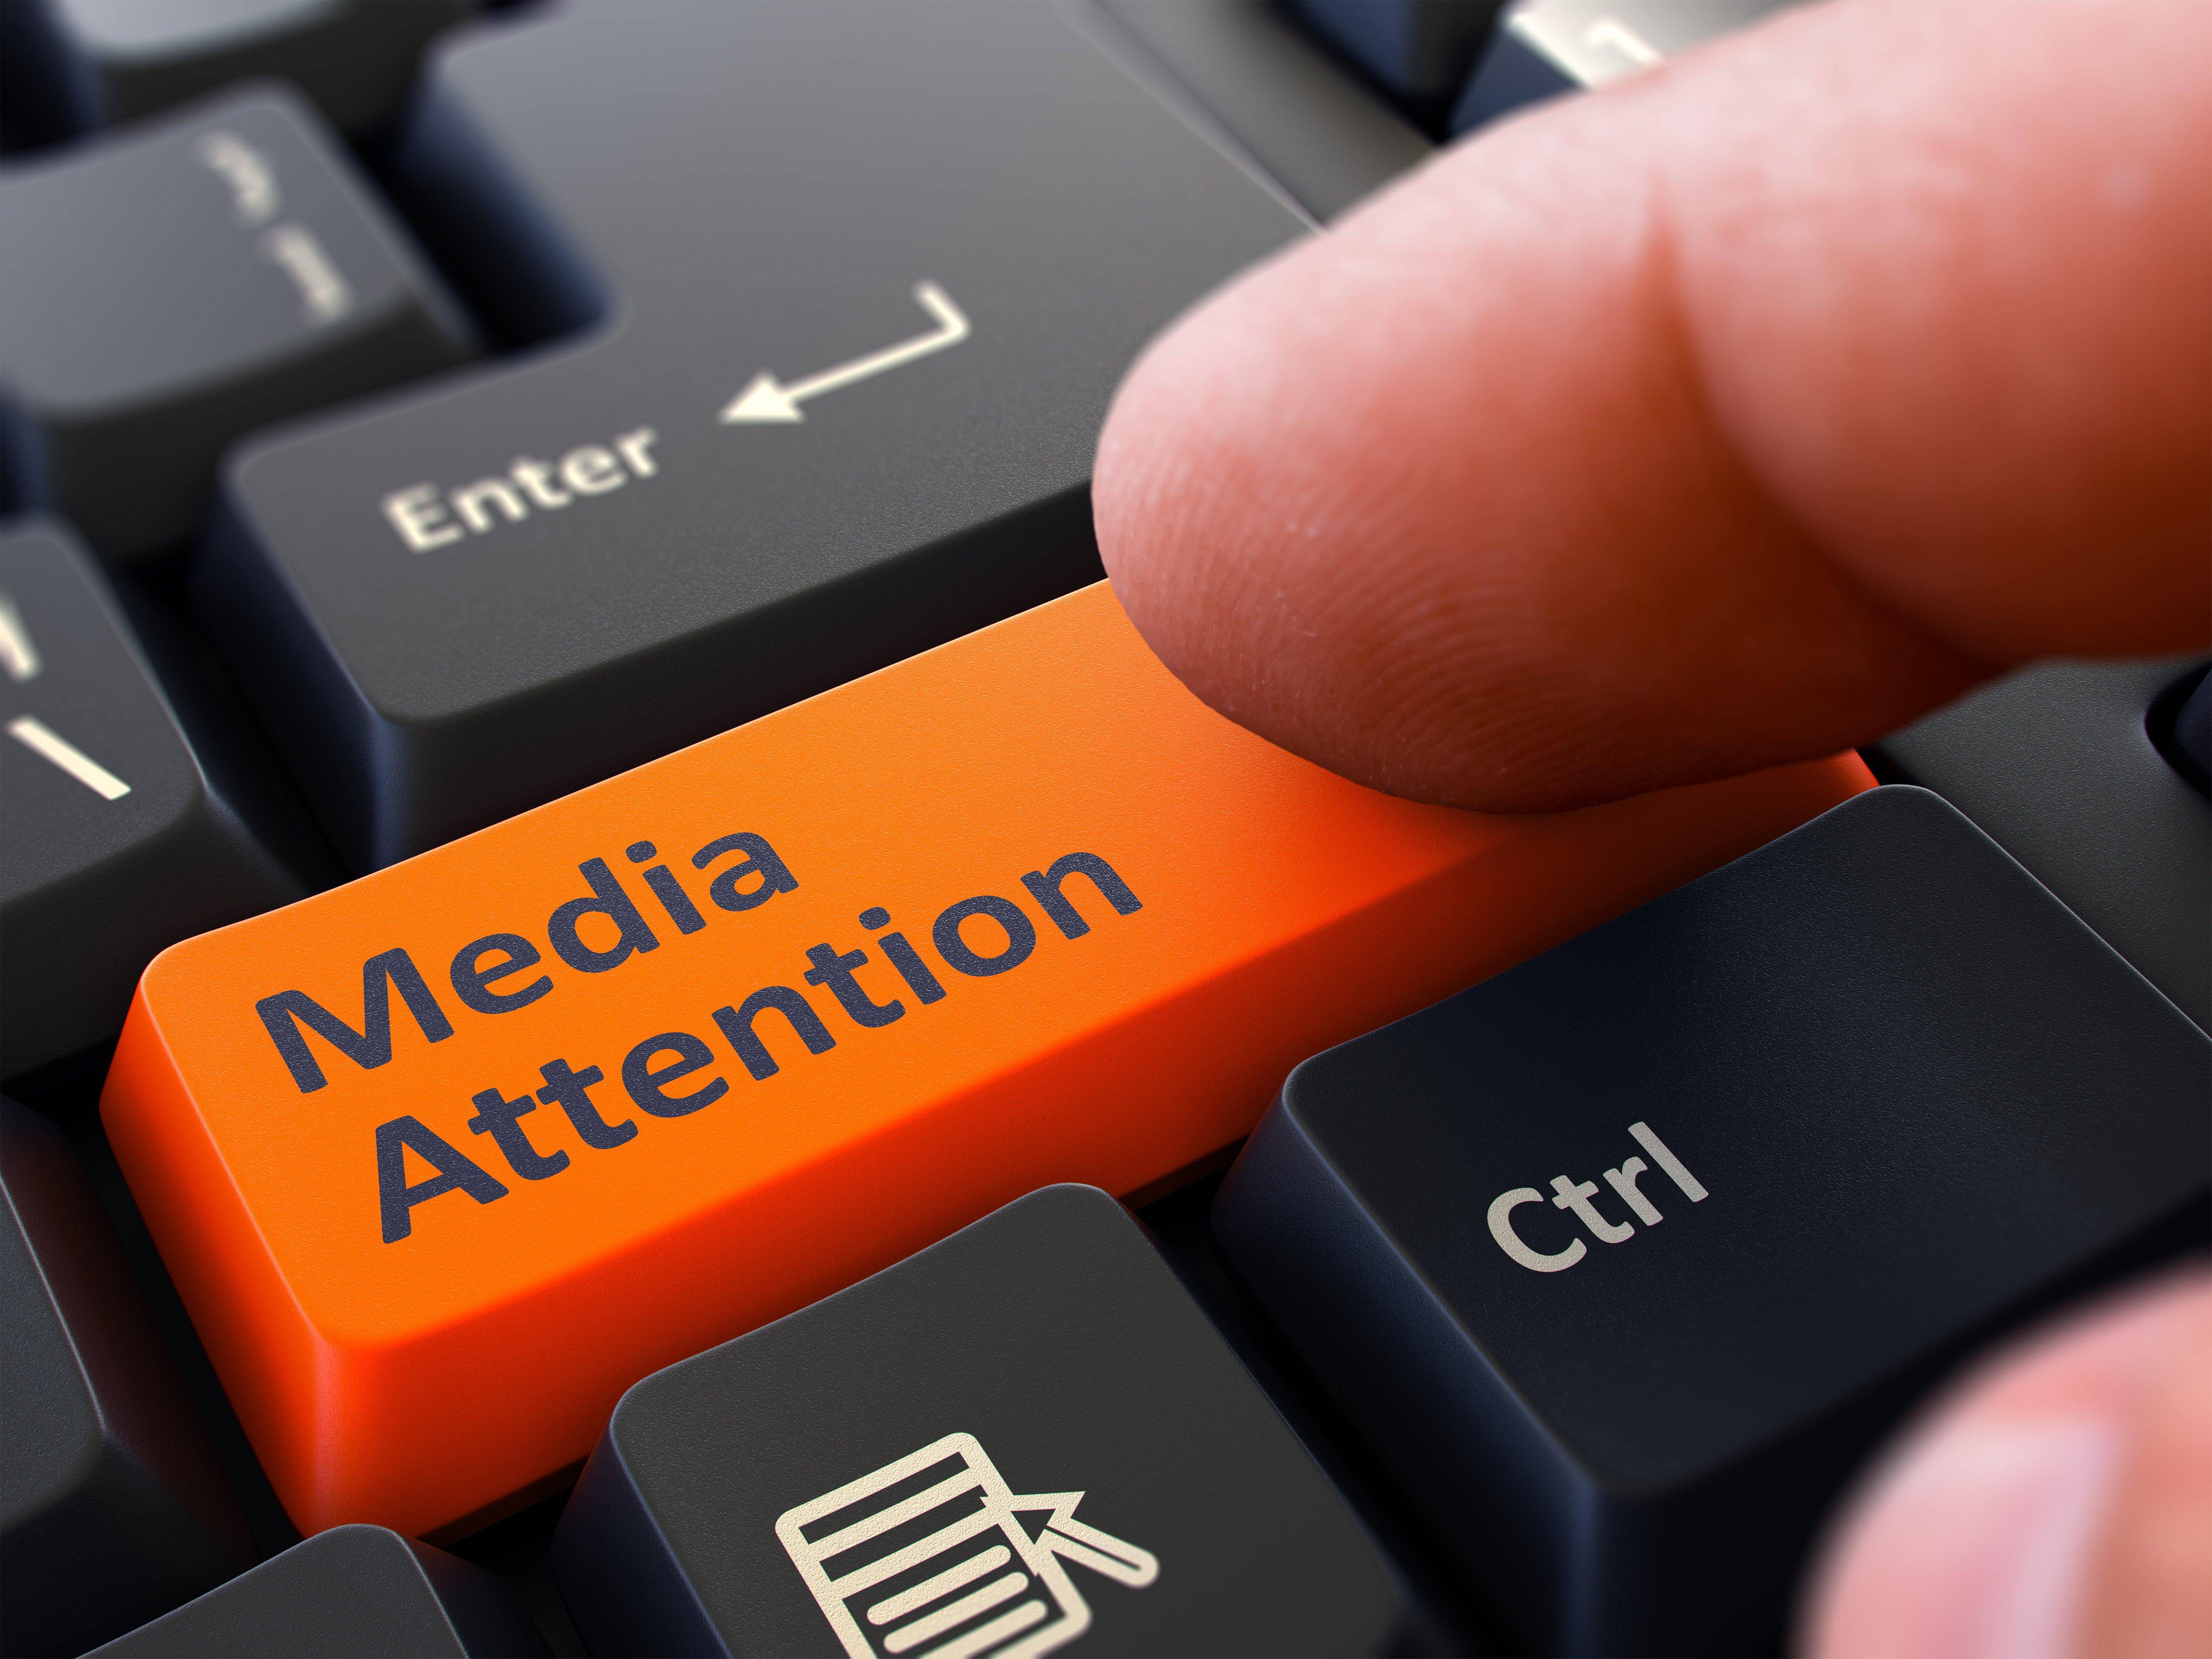 Digital Marketing PHoto #6 -- Media Attention